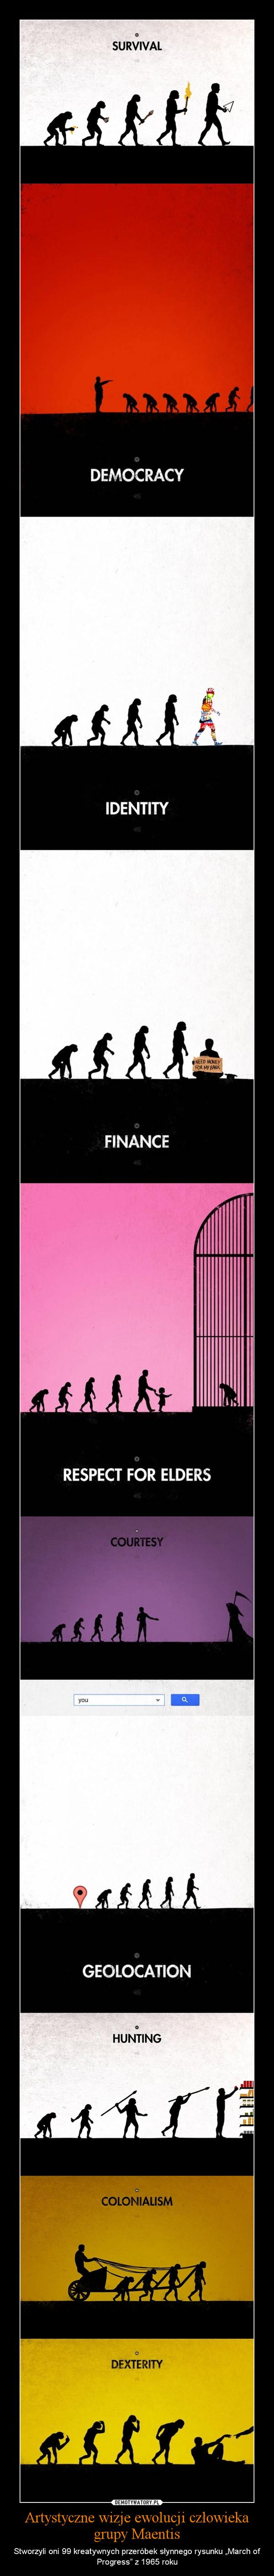 """Artystyczne wizje ewolucji człowieka grupy Maentis – Stworzyli oni 99 kreatywnych przeróbek słynnego rysunku """"March of Progress"""" z 1965 roku"""